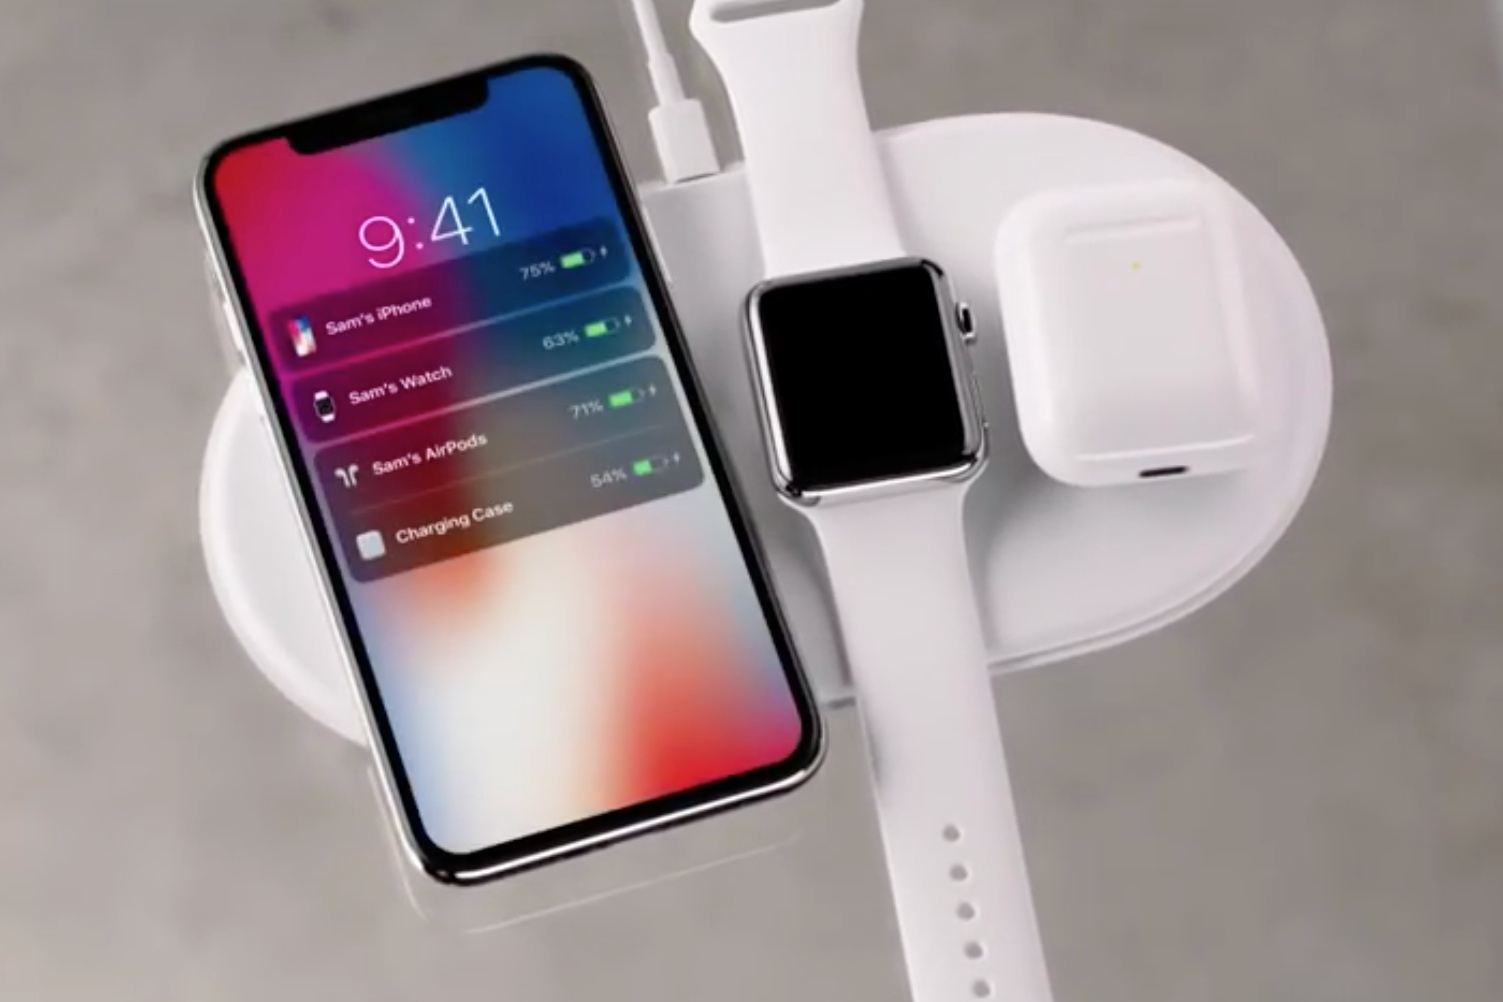 Ładowarka Apple AirPower została uśmiercona... po raz drugi